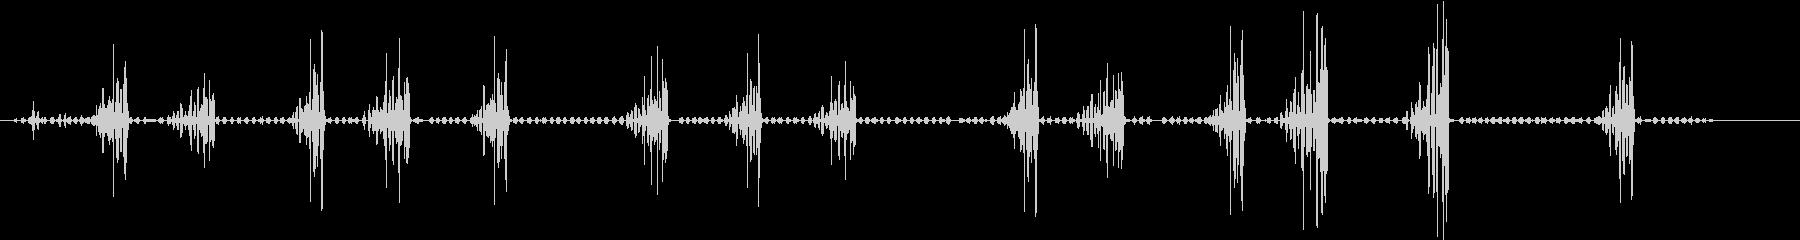 ビレオ、ベルのチャープ。バックグラ...の未再生の波形